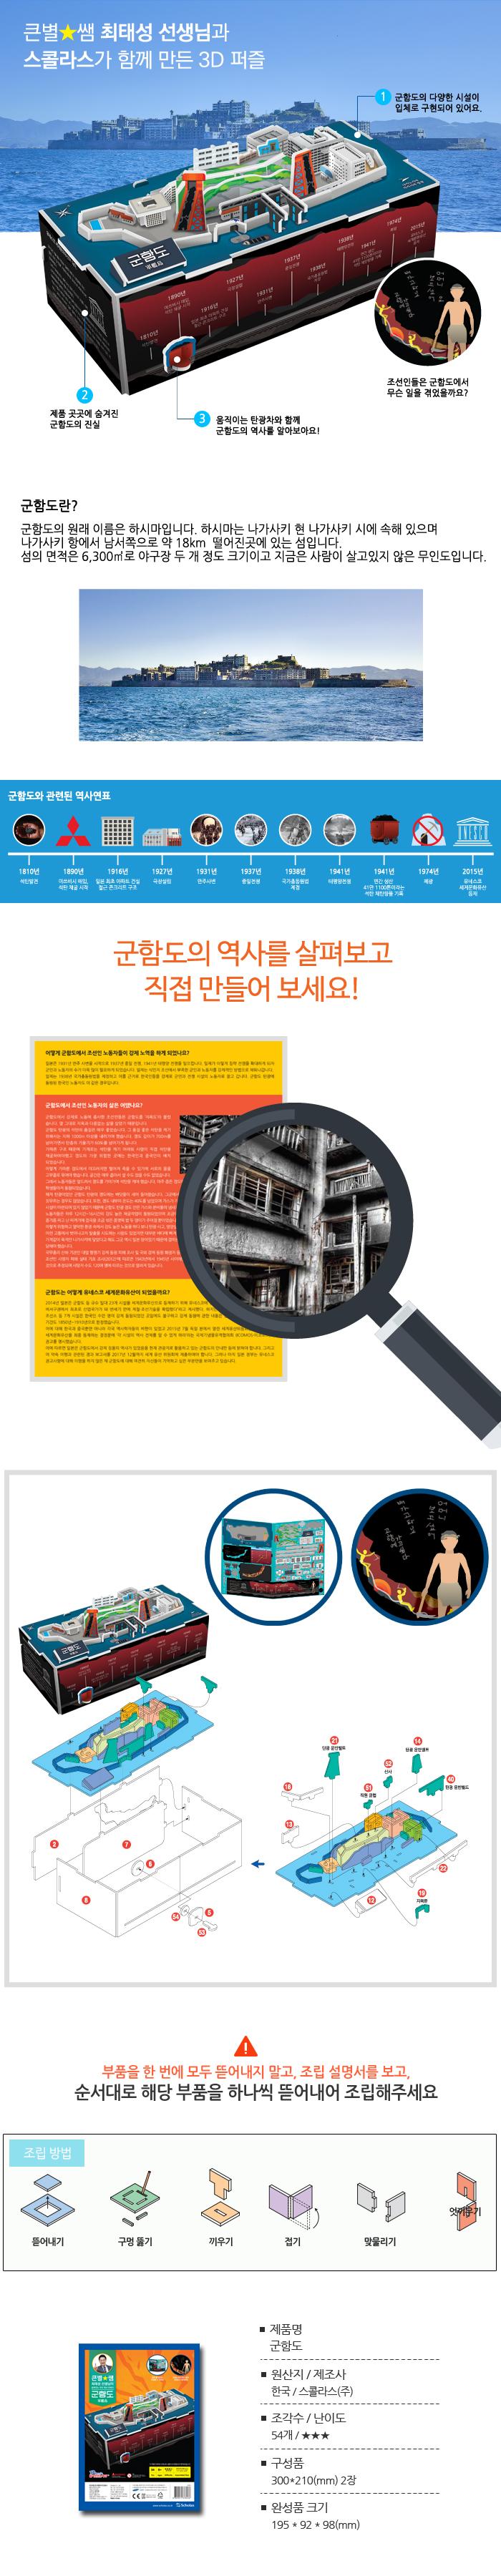 군함도 - 스콜라스, 5,000원, 조각/퍼즐, 3D입체퍼즐